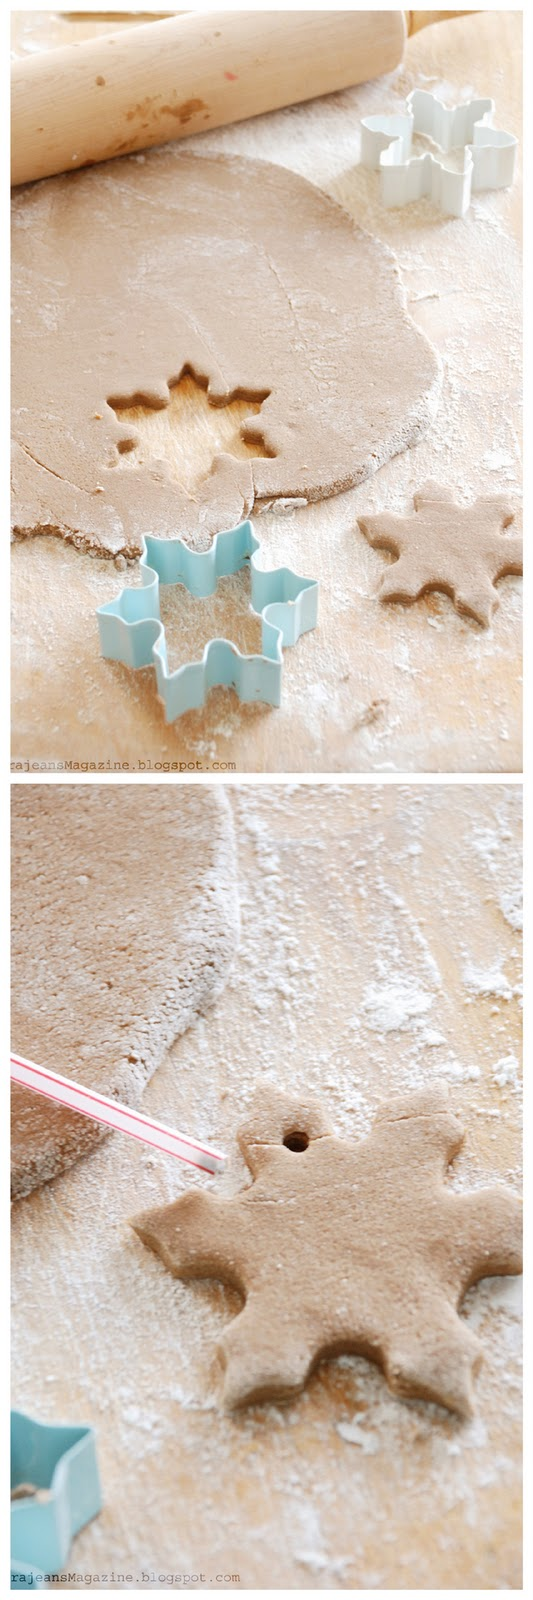 Tutorilal: How To Make Christmas Salt Dough